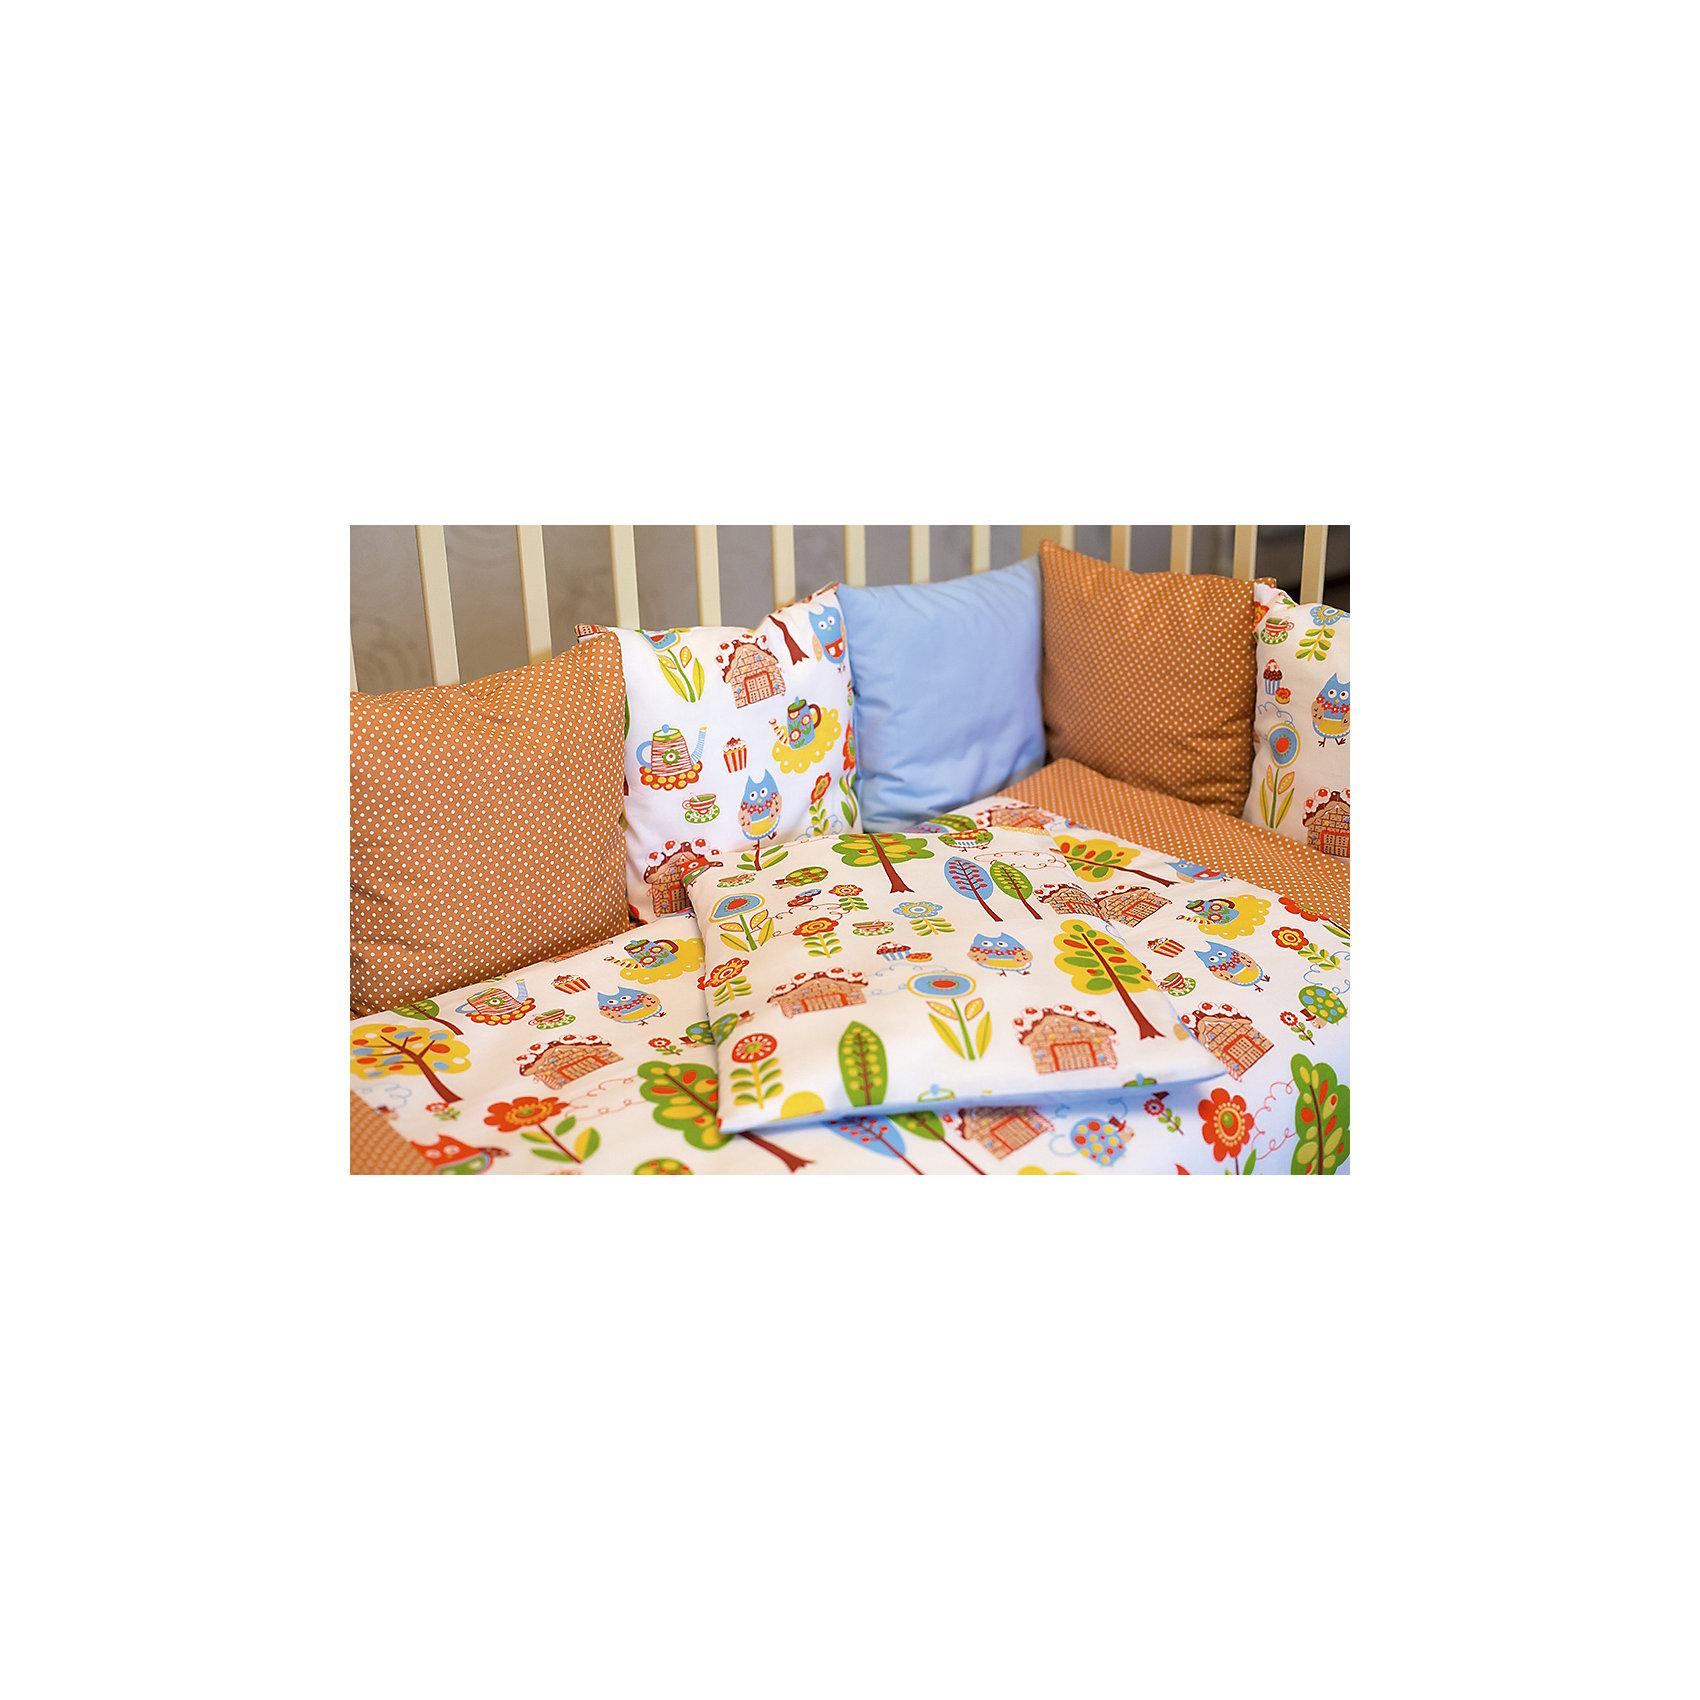 Постельное белье Совы 6 пред., byTwinzКомплект постельного белья byTwinz состоит из 6-ти предметов: бортик из подушек, подушка, одеяло, наволочка, пододеяльник и простынь. Постельное белье выполнено из гипоаллергенных материалов, наполнитель подушек и одеяла экологически чистый. <br><br>Мягкий бортик состоит из 12-ти подушек, которые размещаются по периметру кроватки и крепятся к бортику с помощью тканевых завязок. Наволочки подушек съемные. <br>Пододеяльник застегивается на молнию, которая находится с боковой стороны изделия (продольный край). <br>Простынь на резинке надежно фиксируется, не сминается и не сползает. <br><br>Комплект в кроватку «Совы» предназначен для детских кроваток размером 120х60 см и 125х65 см. <br><br>Дополнительная информация:<br><br>Размеры: <br><br>- бортики-подушки, 12 шт.: 30х30 см каждая;<br>- наволочки на молнии на бортики-подушки, 12 шт.: 33х33 см каждая;<br>- детская подушка: 35х45 см;<br>- детское одеяло: 100х140 см;<br>- пододеяльник на молнии: 105х145 см;<br>- наволочка: 36х46 см; <br>- простынь на резинке: 125х65 см.<br><br>Материал: 100% хлопок<br>Наполнитель (подушки, одеяло): холлофайбер<br><br>Постельное белье Совы 6 пред., byTwinz можно купить в нашем интернет-магазине.<br><br>Ширина мм: 580<br>Глубина мм: 580<br>Высота мм: 180<br>Вес г: 3000<br>Возраст от месяцев: 0<br>Возраст до месяцев: 36<br>Пол: Мужской<br>Возраст: Детский<br>SKU: 5045062